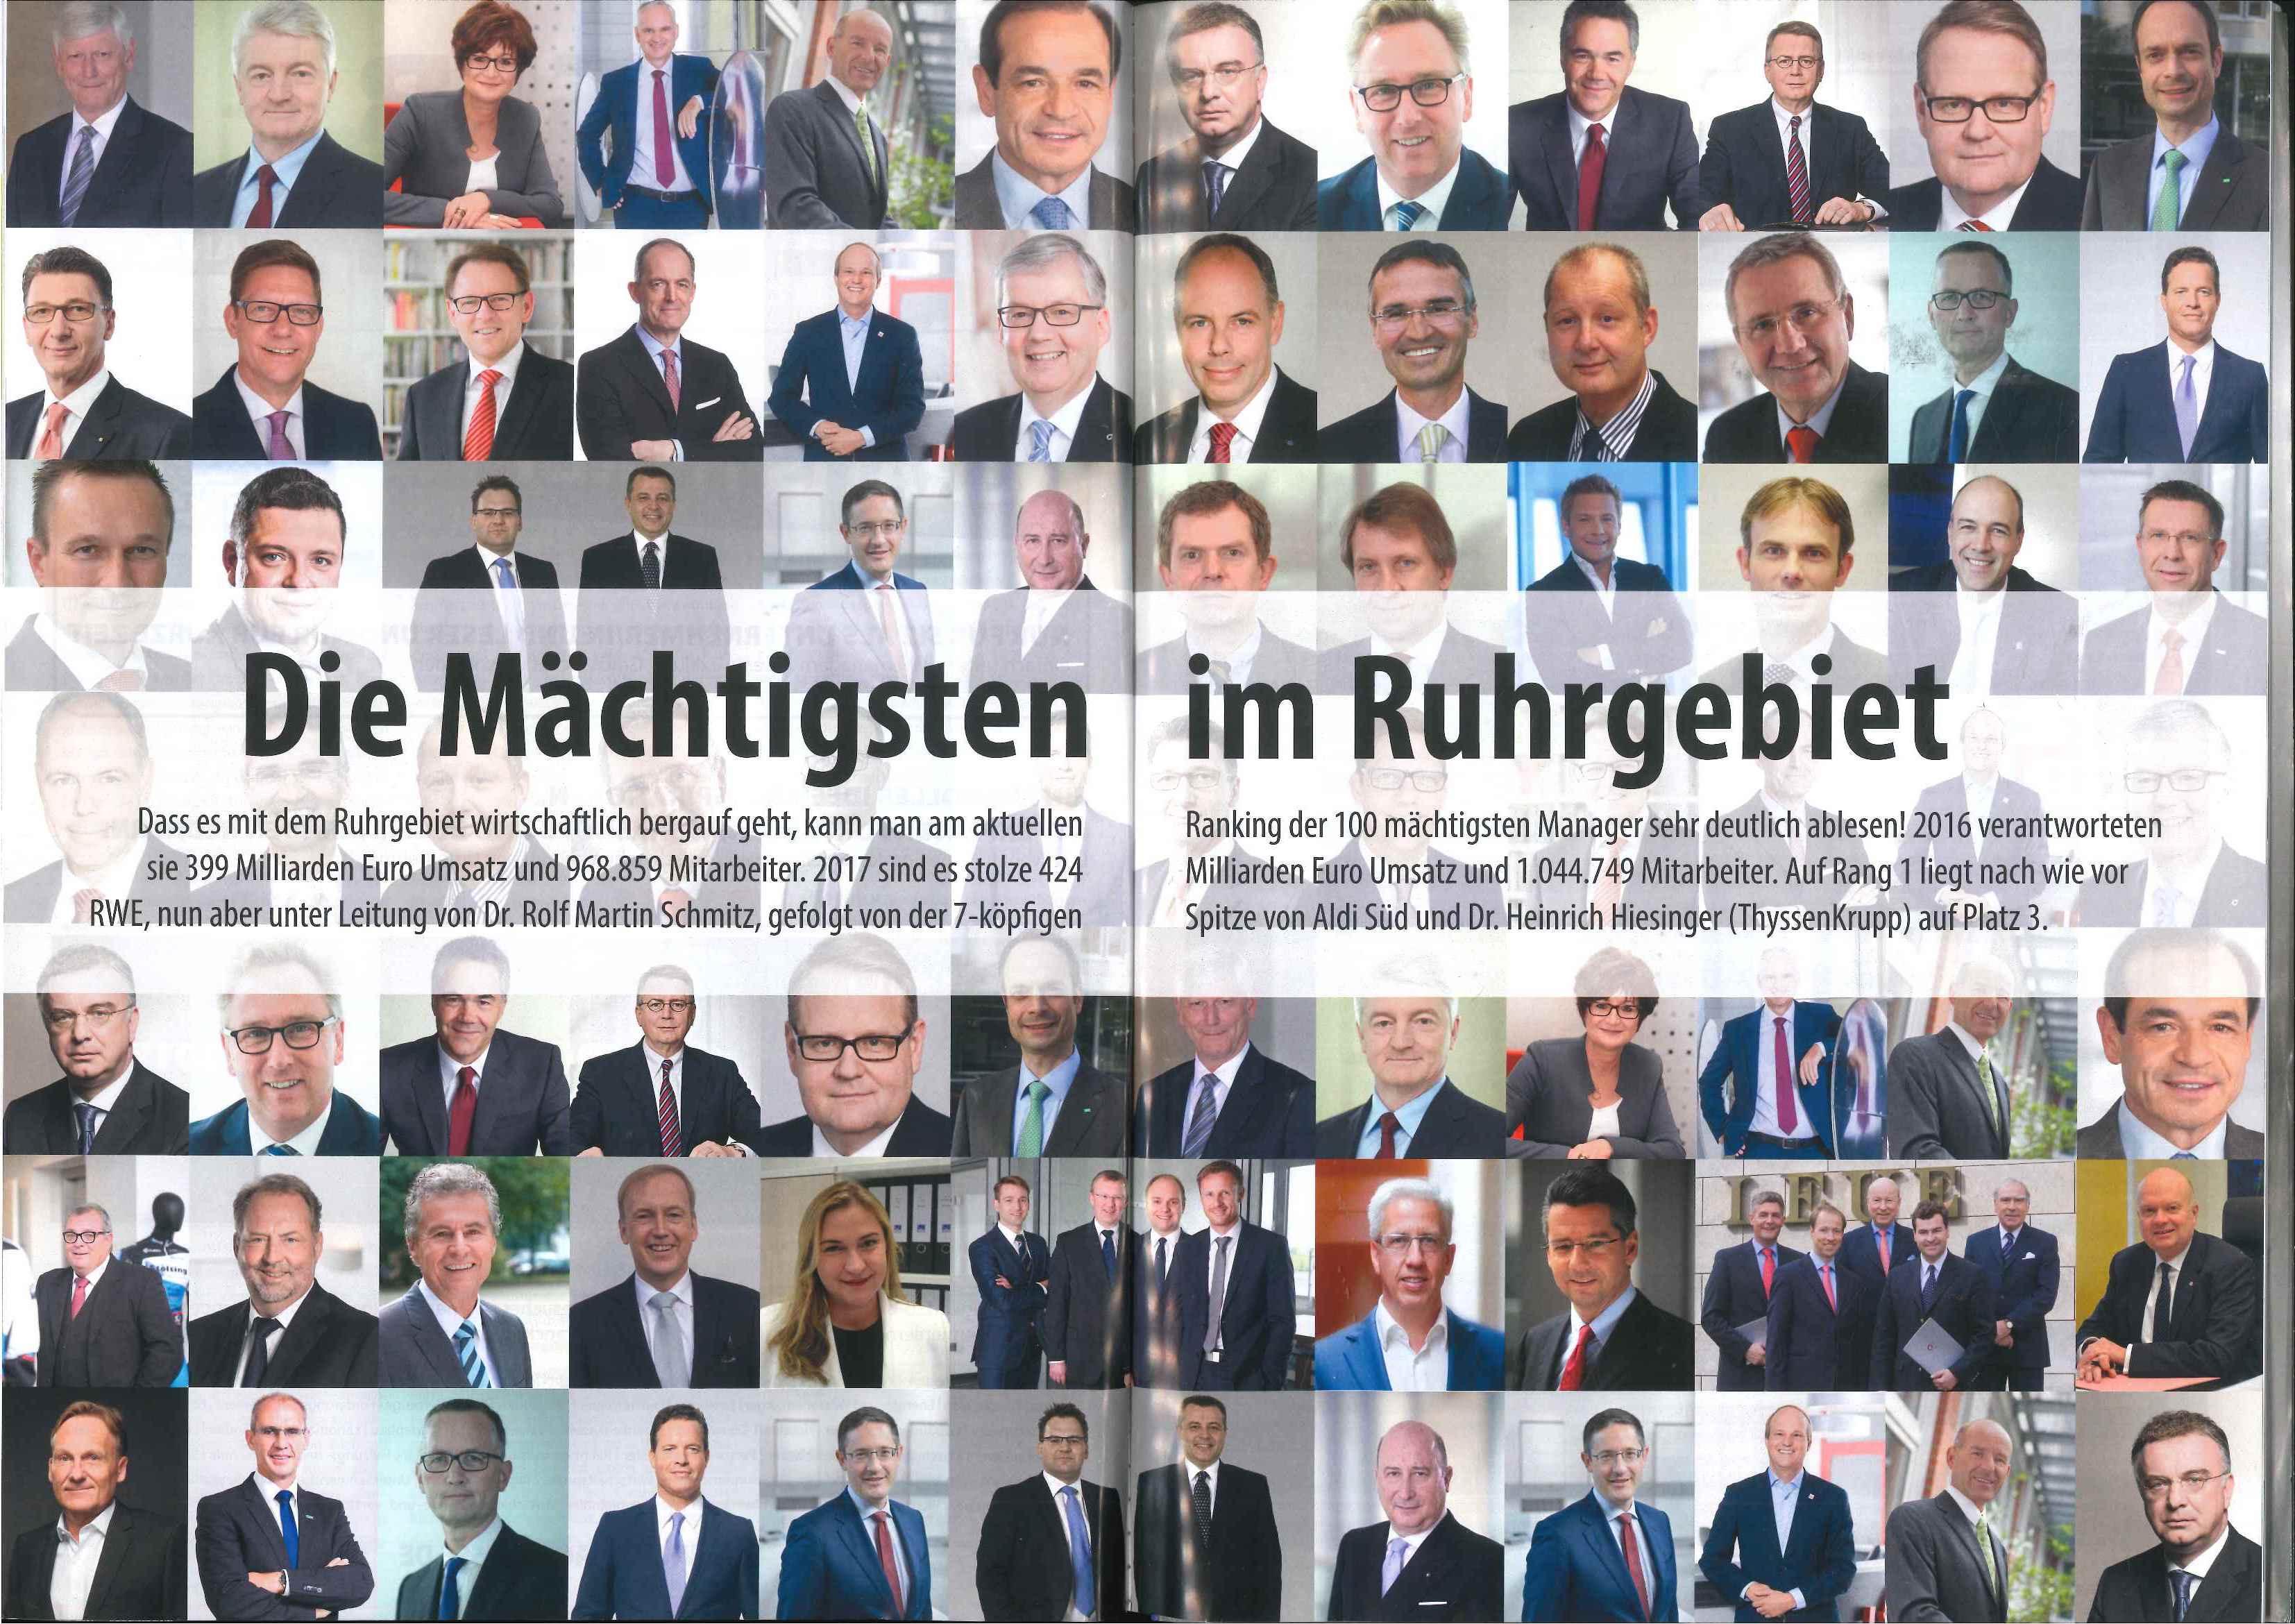 Die mächtigsten Manager im Ruhrgebiet.